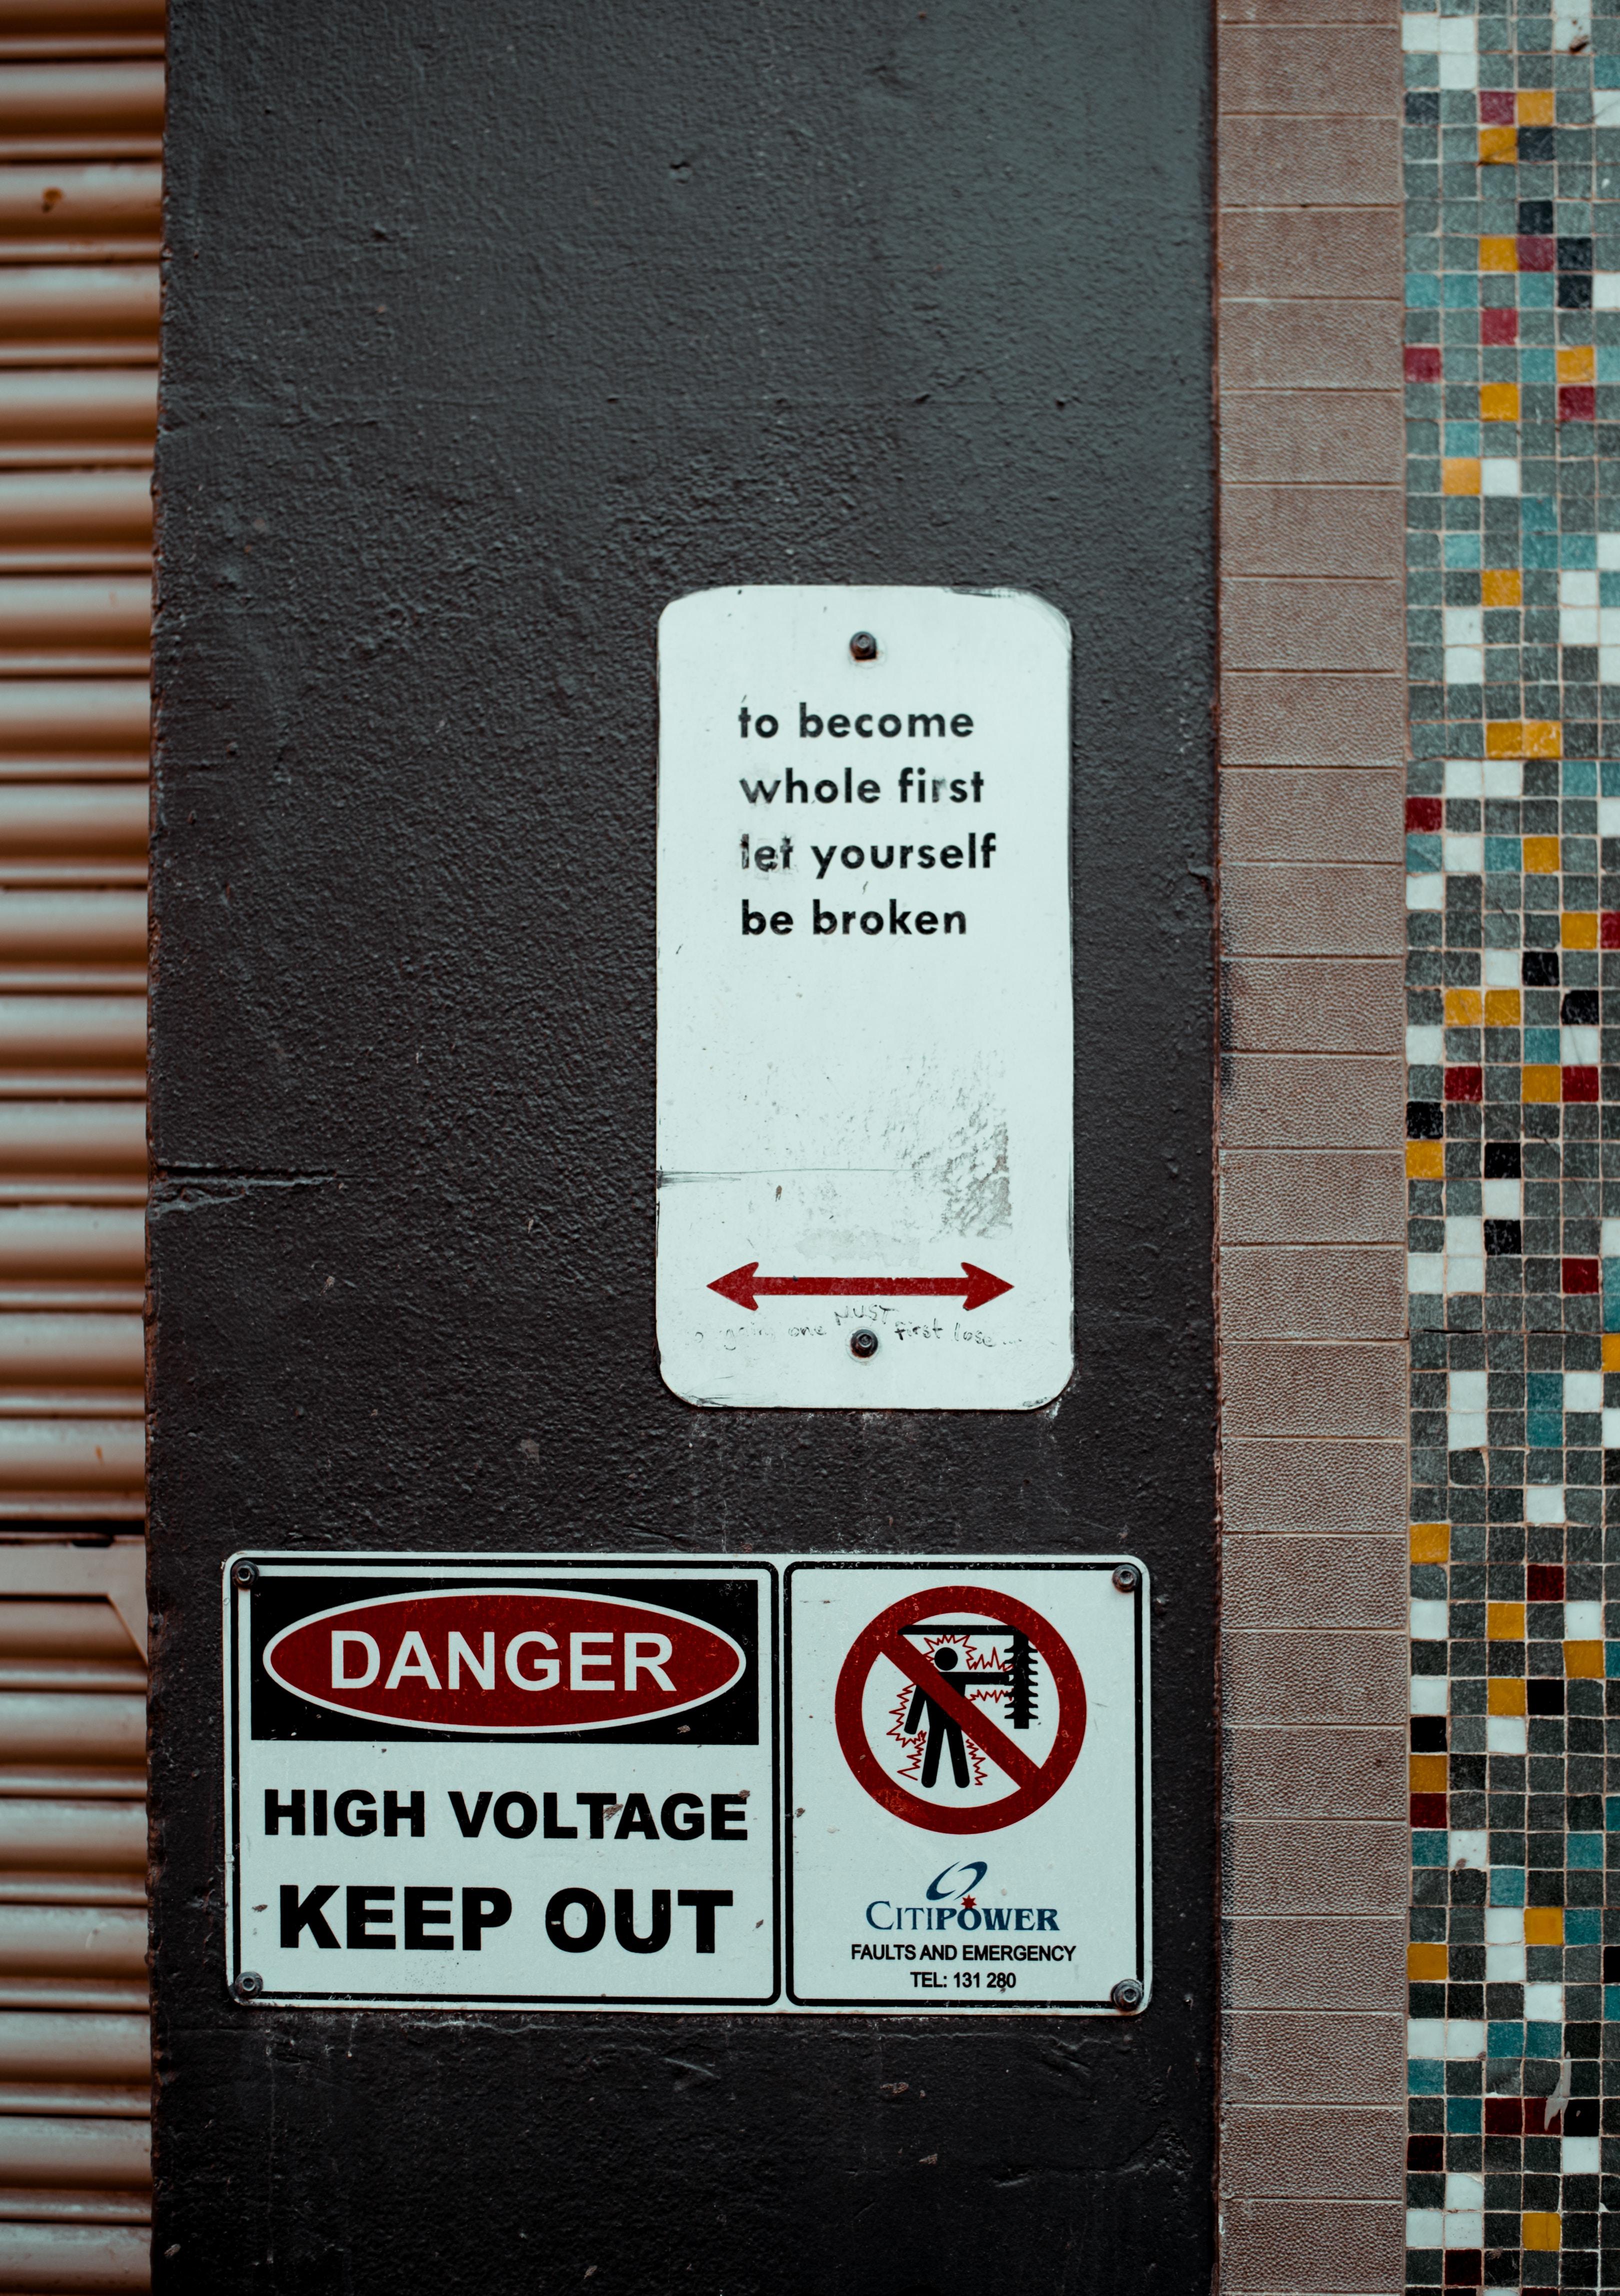 danger high voltage keep out signage